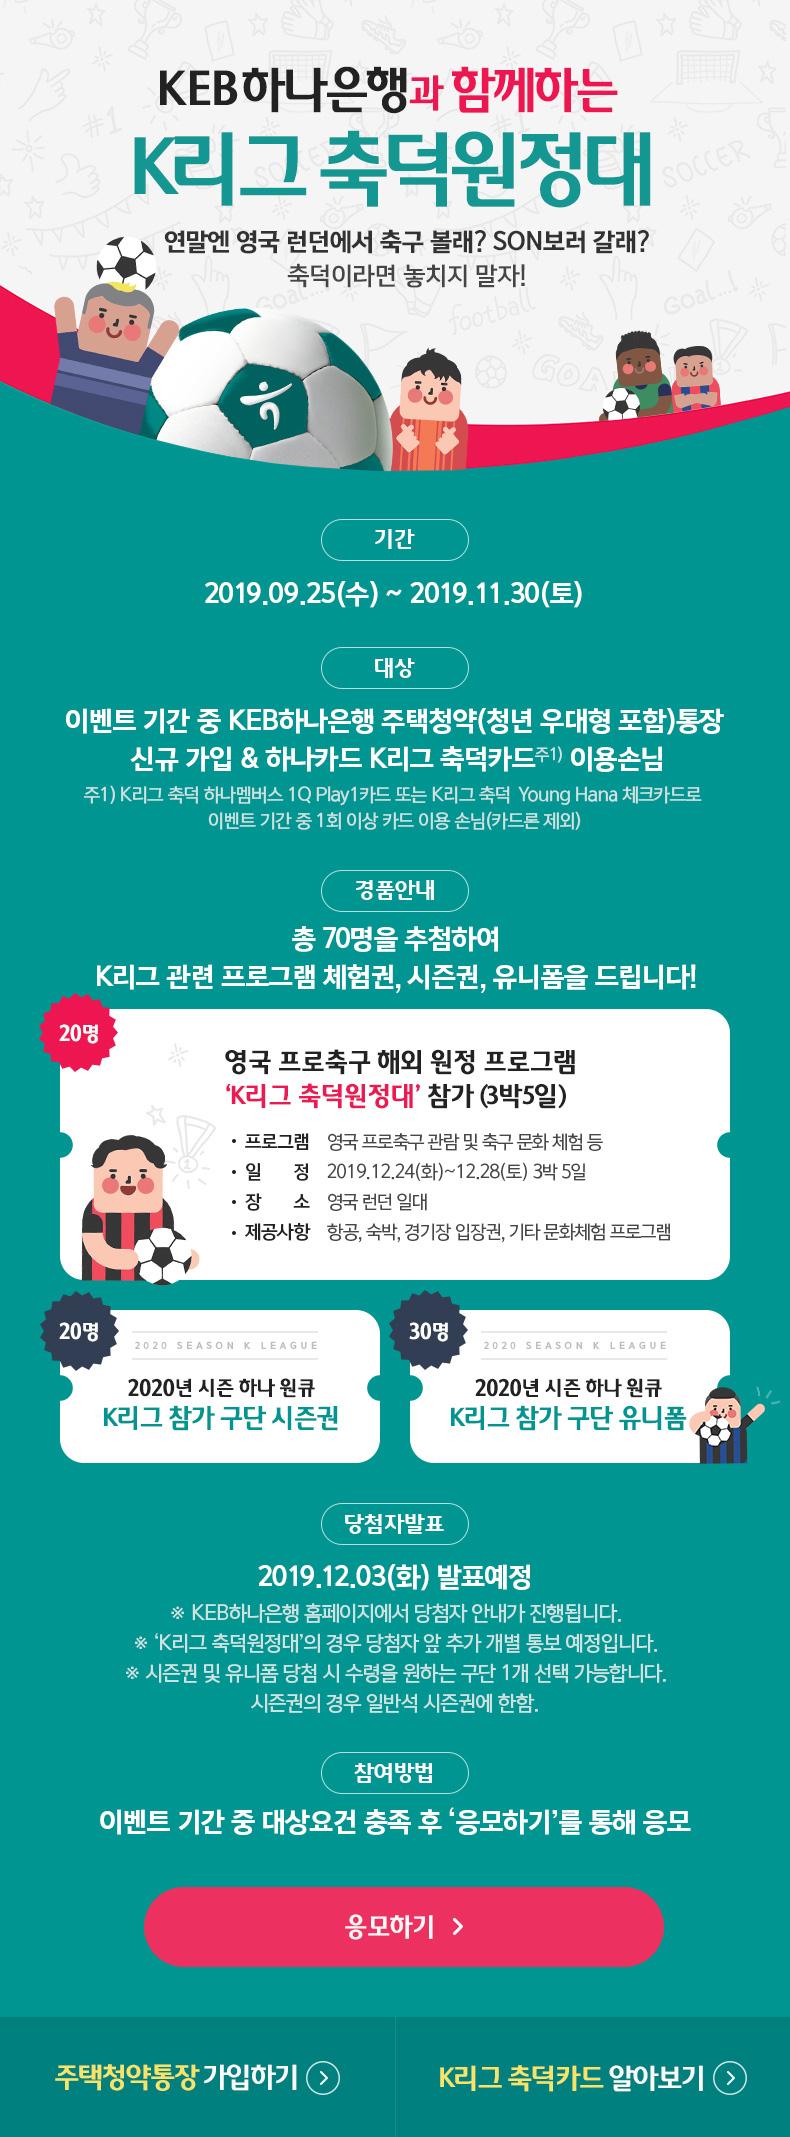 KEB하나은행과 함께하는 K리그 축덕원정대